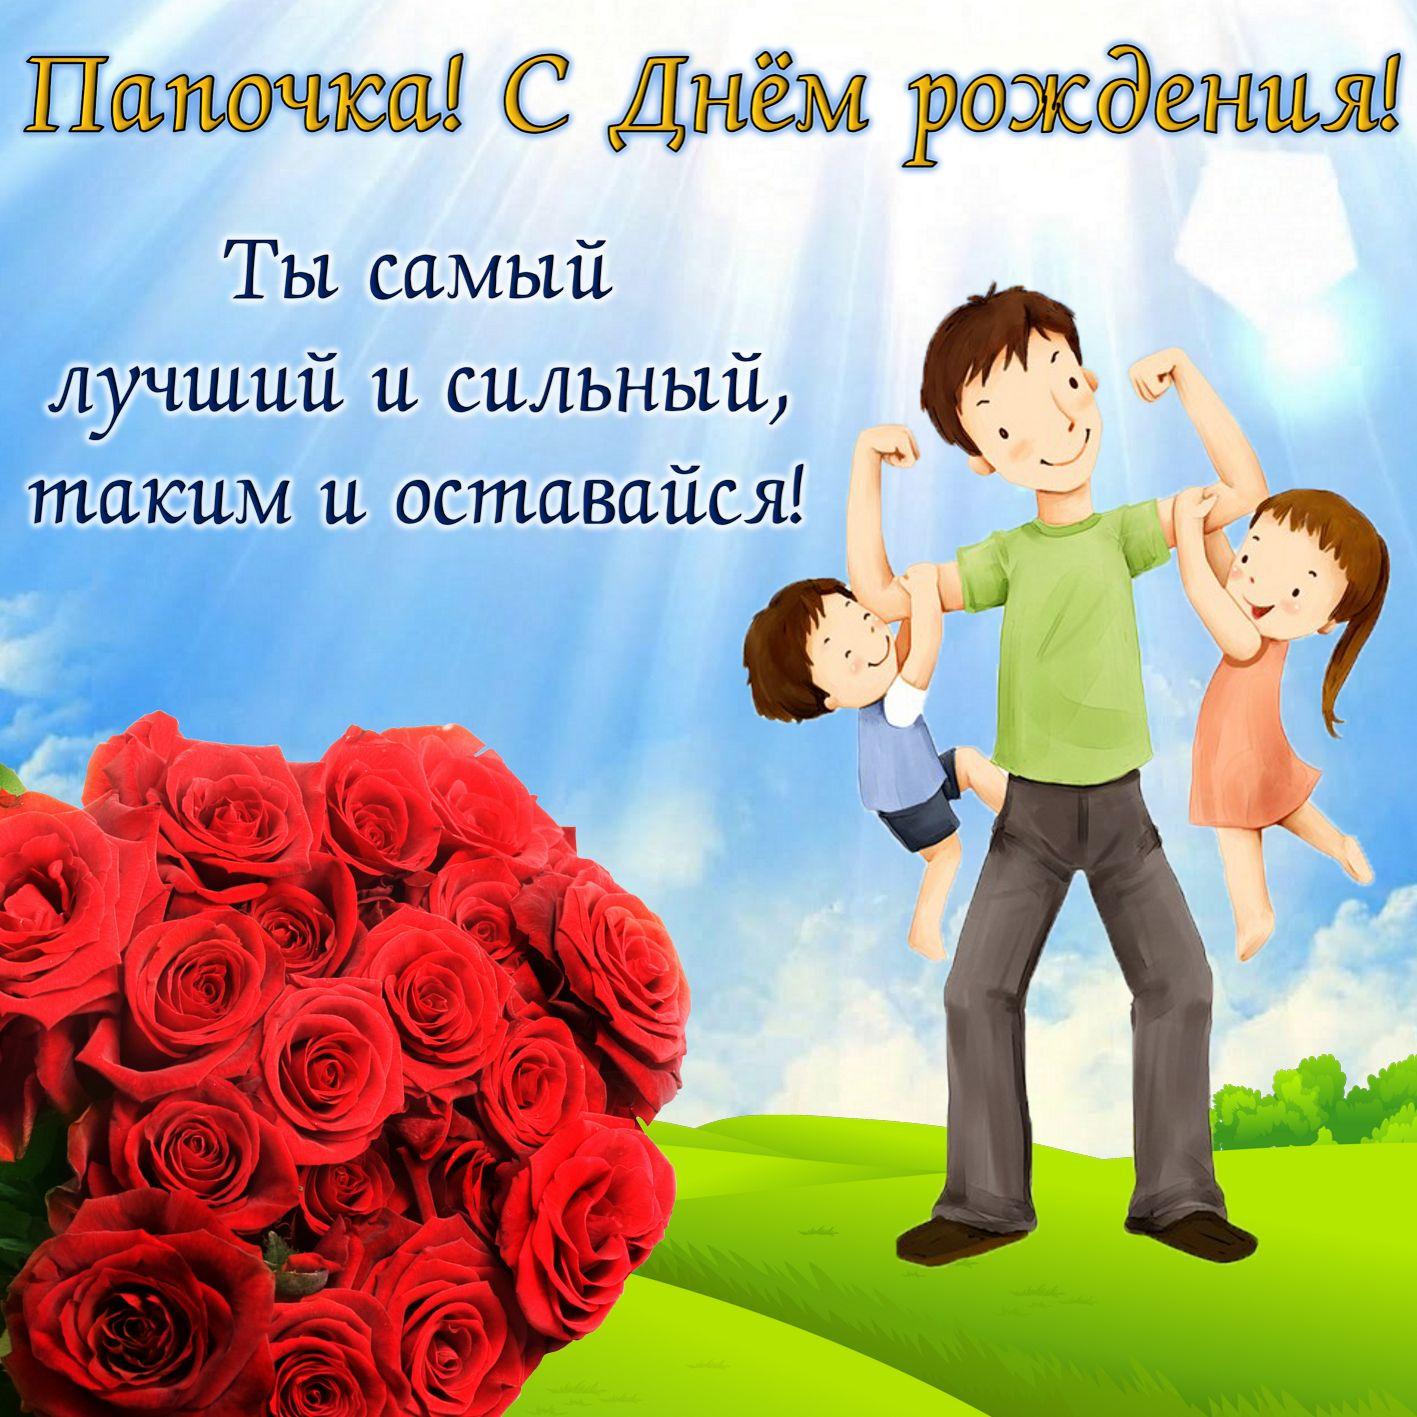 Поздравления с днем рождения от детей папам